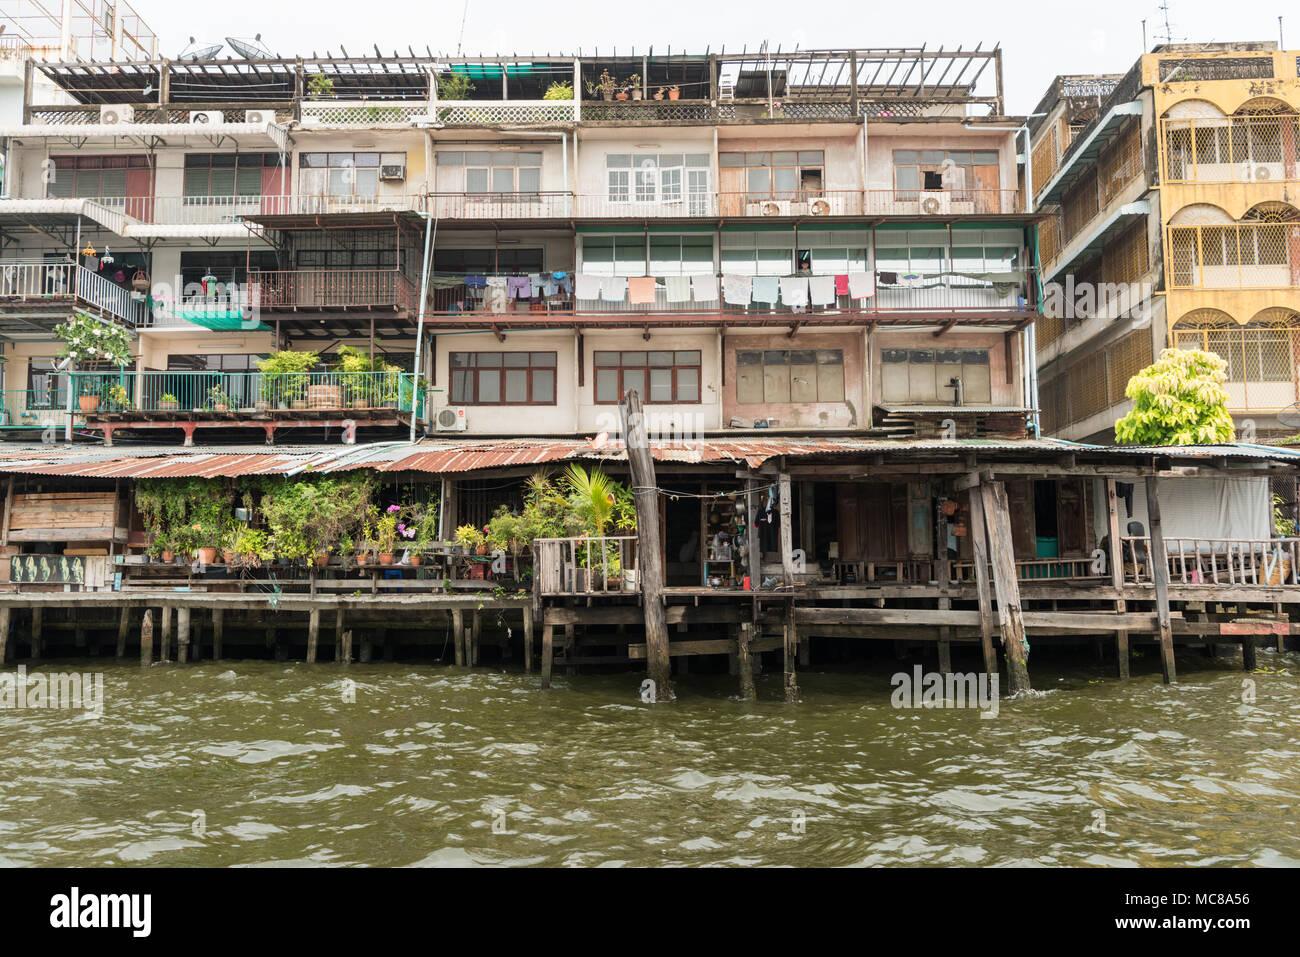 Destartalado construcciones hechas de madera y hierro corrugado junto al río Chao Phraya, en Bangkok, Tailandia Imagen De Stock